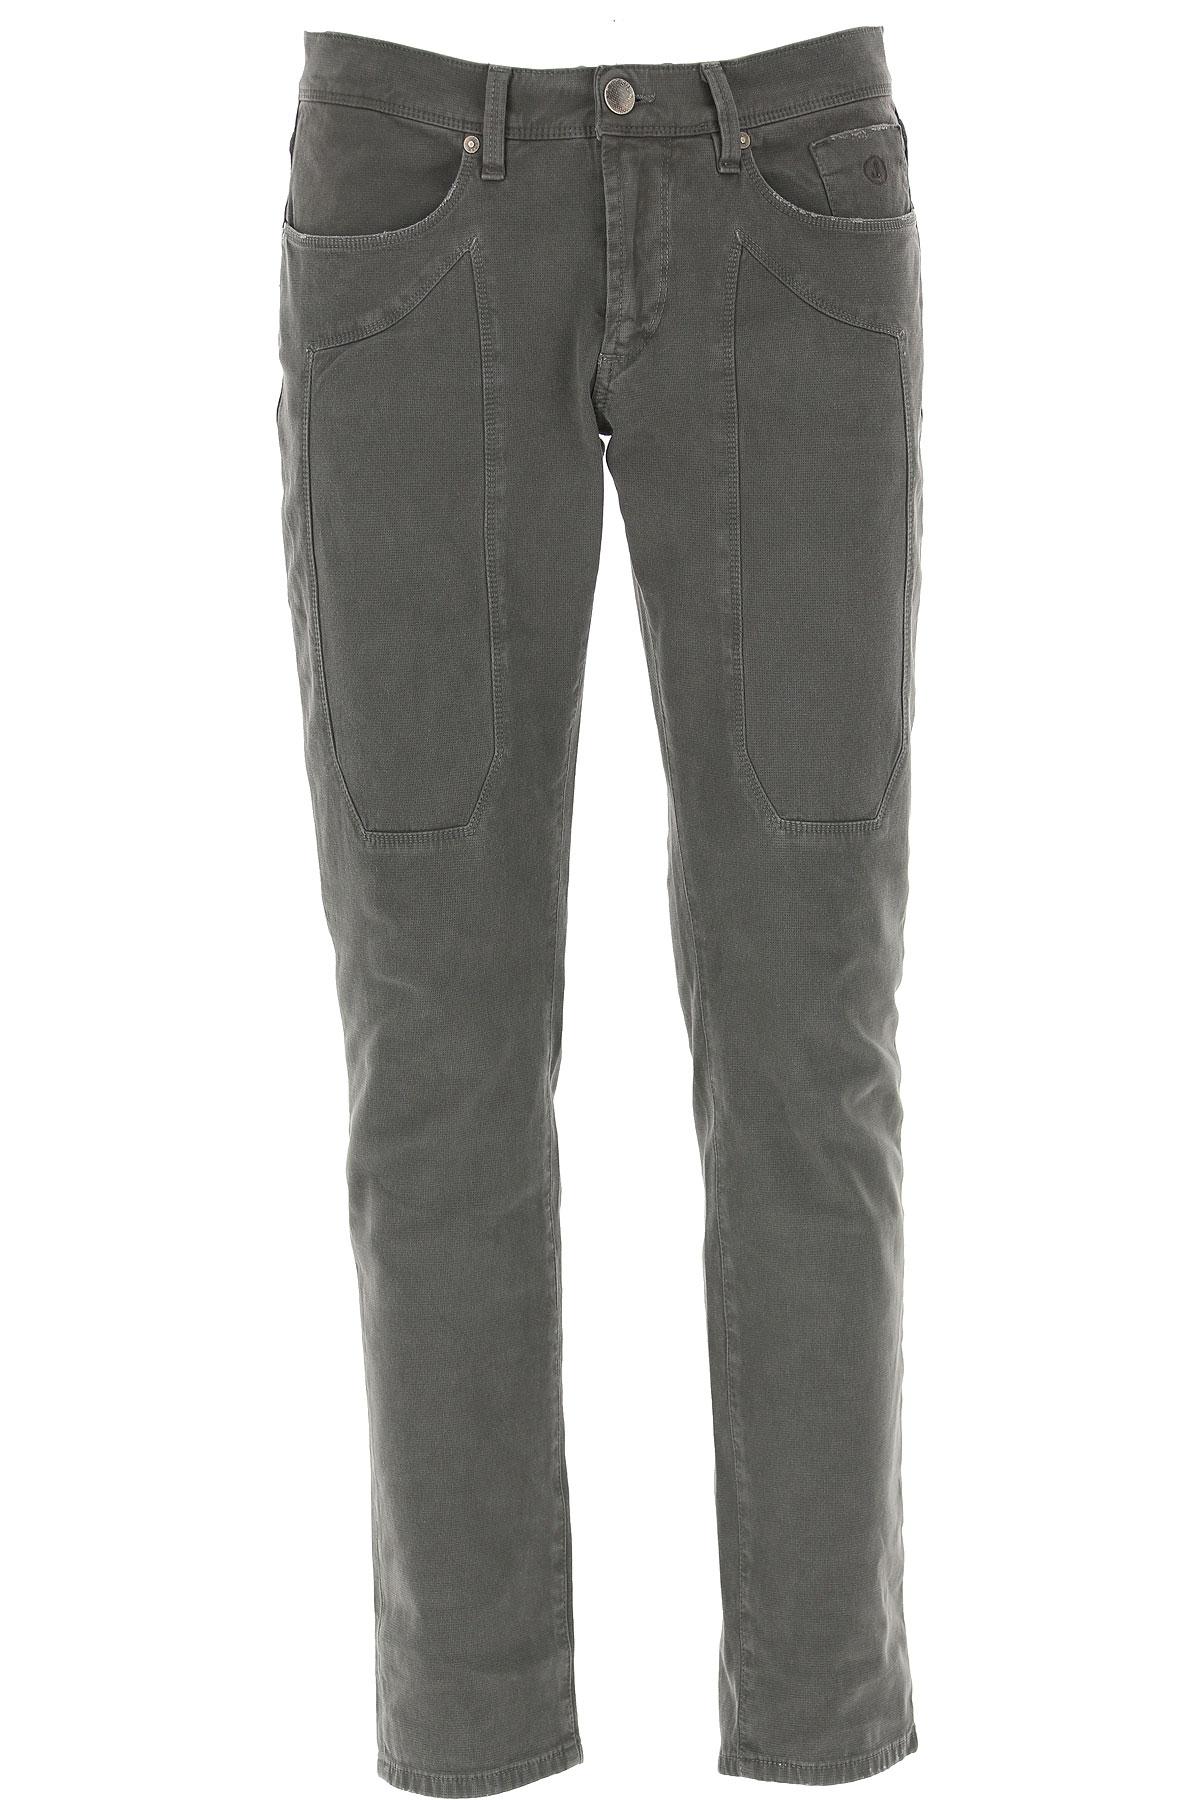 Jeckerson Pants for Men On Sale, Grey, Cotton, 2019, 30 31 32 33 34 35 36 38